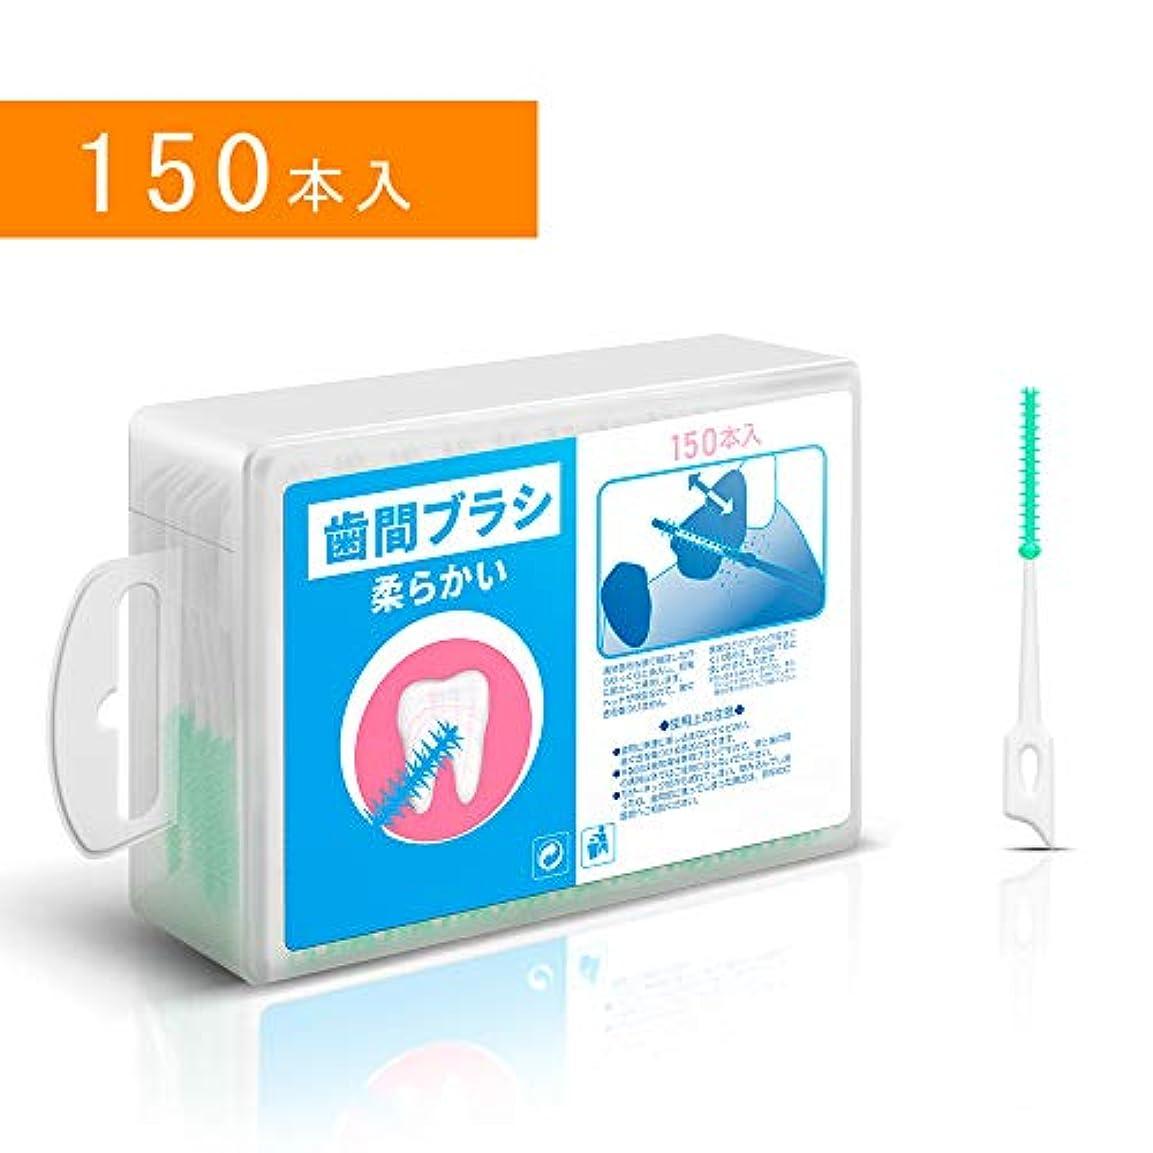 より多い輸血提供する【歯間ブラシ 150本】I字型サイズ SSS-S 極細タイプ やわらか歯間ブラシ ゴムタイプ 無香料 歯周プロケア 携帯用